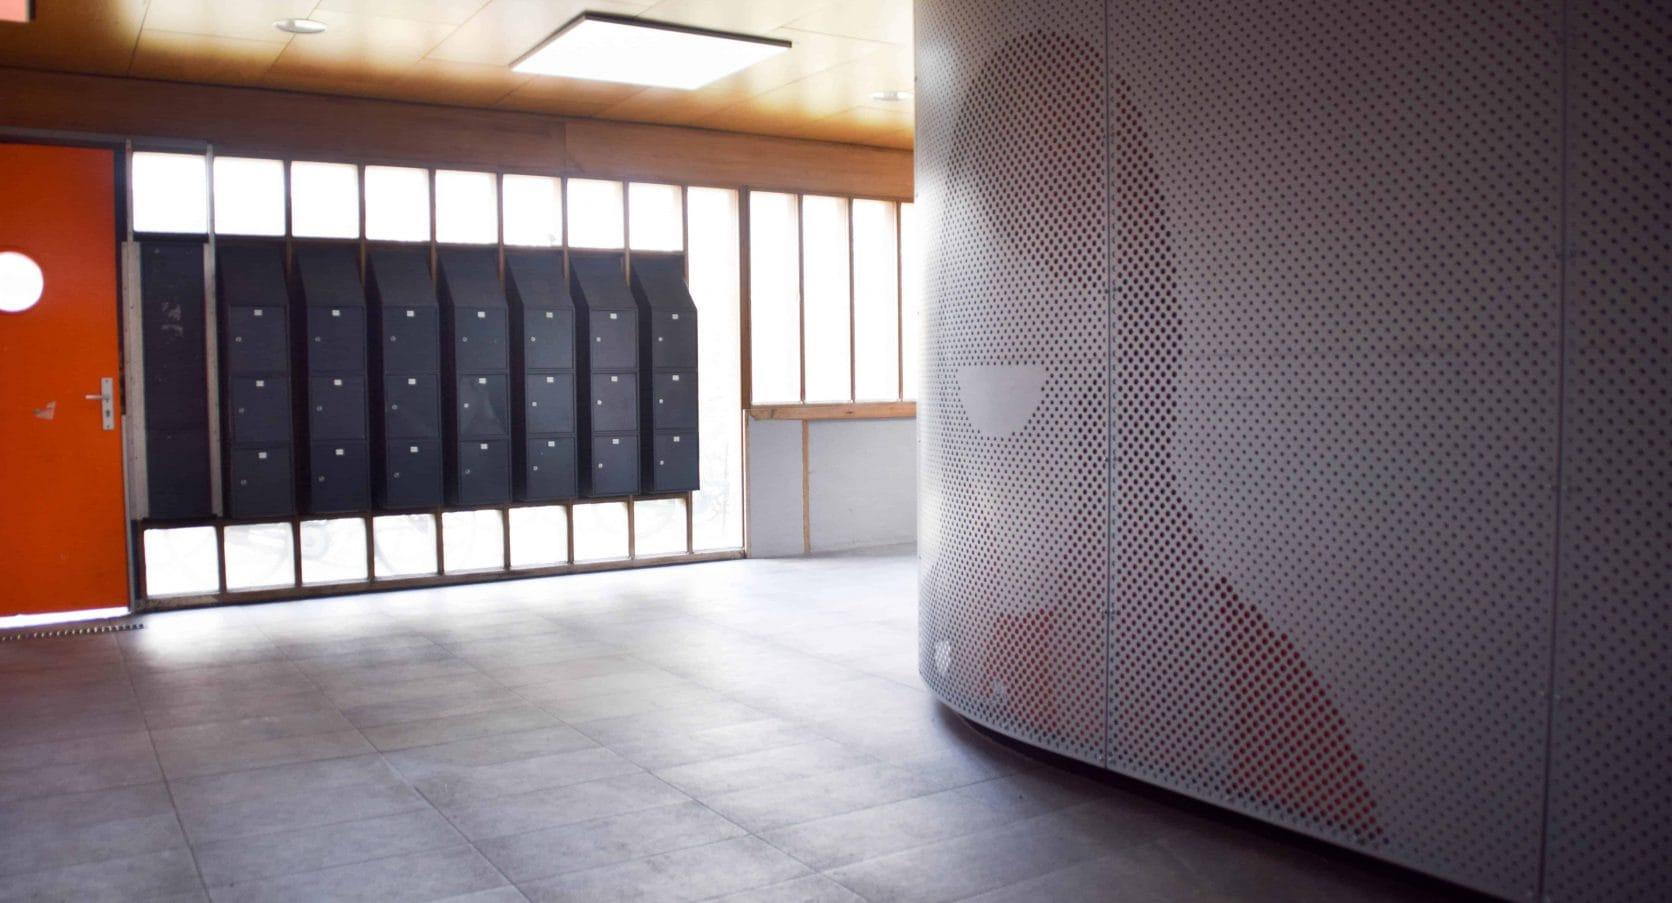 Woontoren Tuindorp West in Utrecht voorzien van interieurbekleding van geperforeerd staal